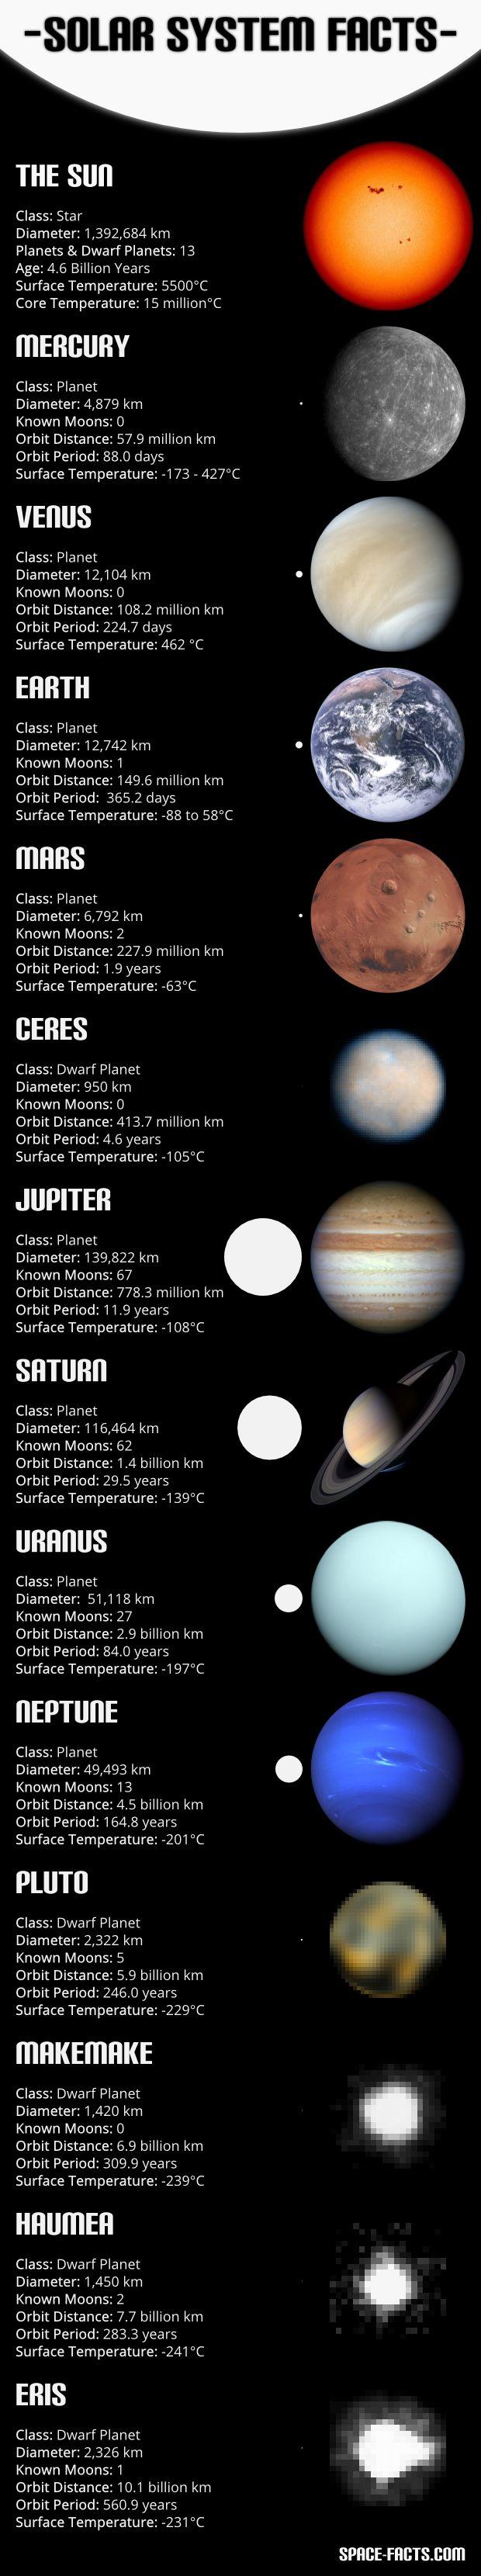 1000+ images about Uranus project on Pinterest | Largest ...